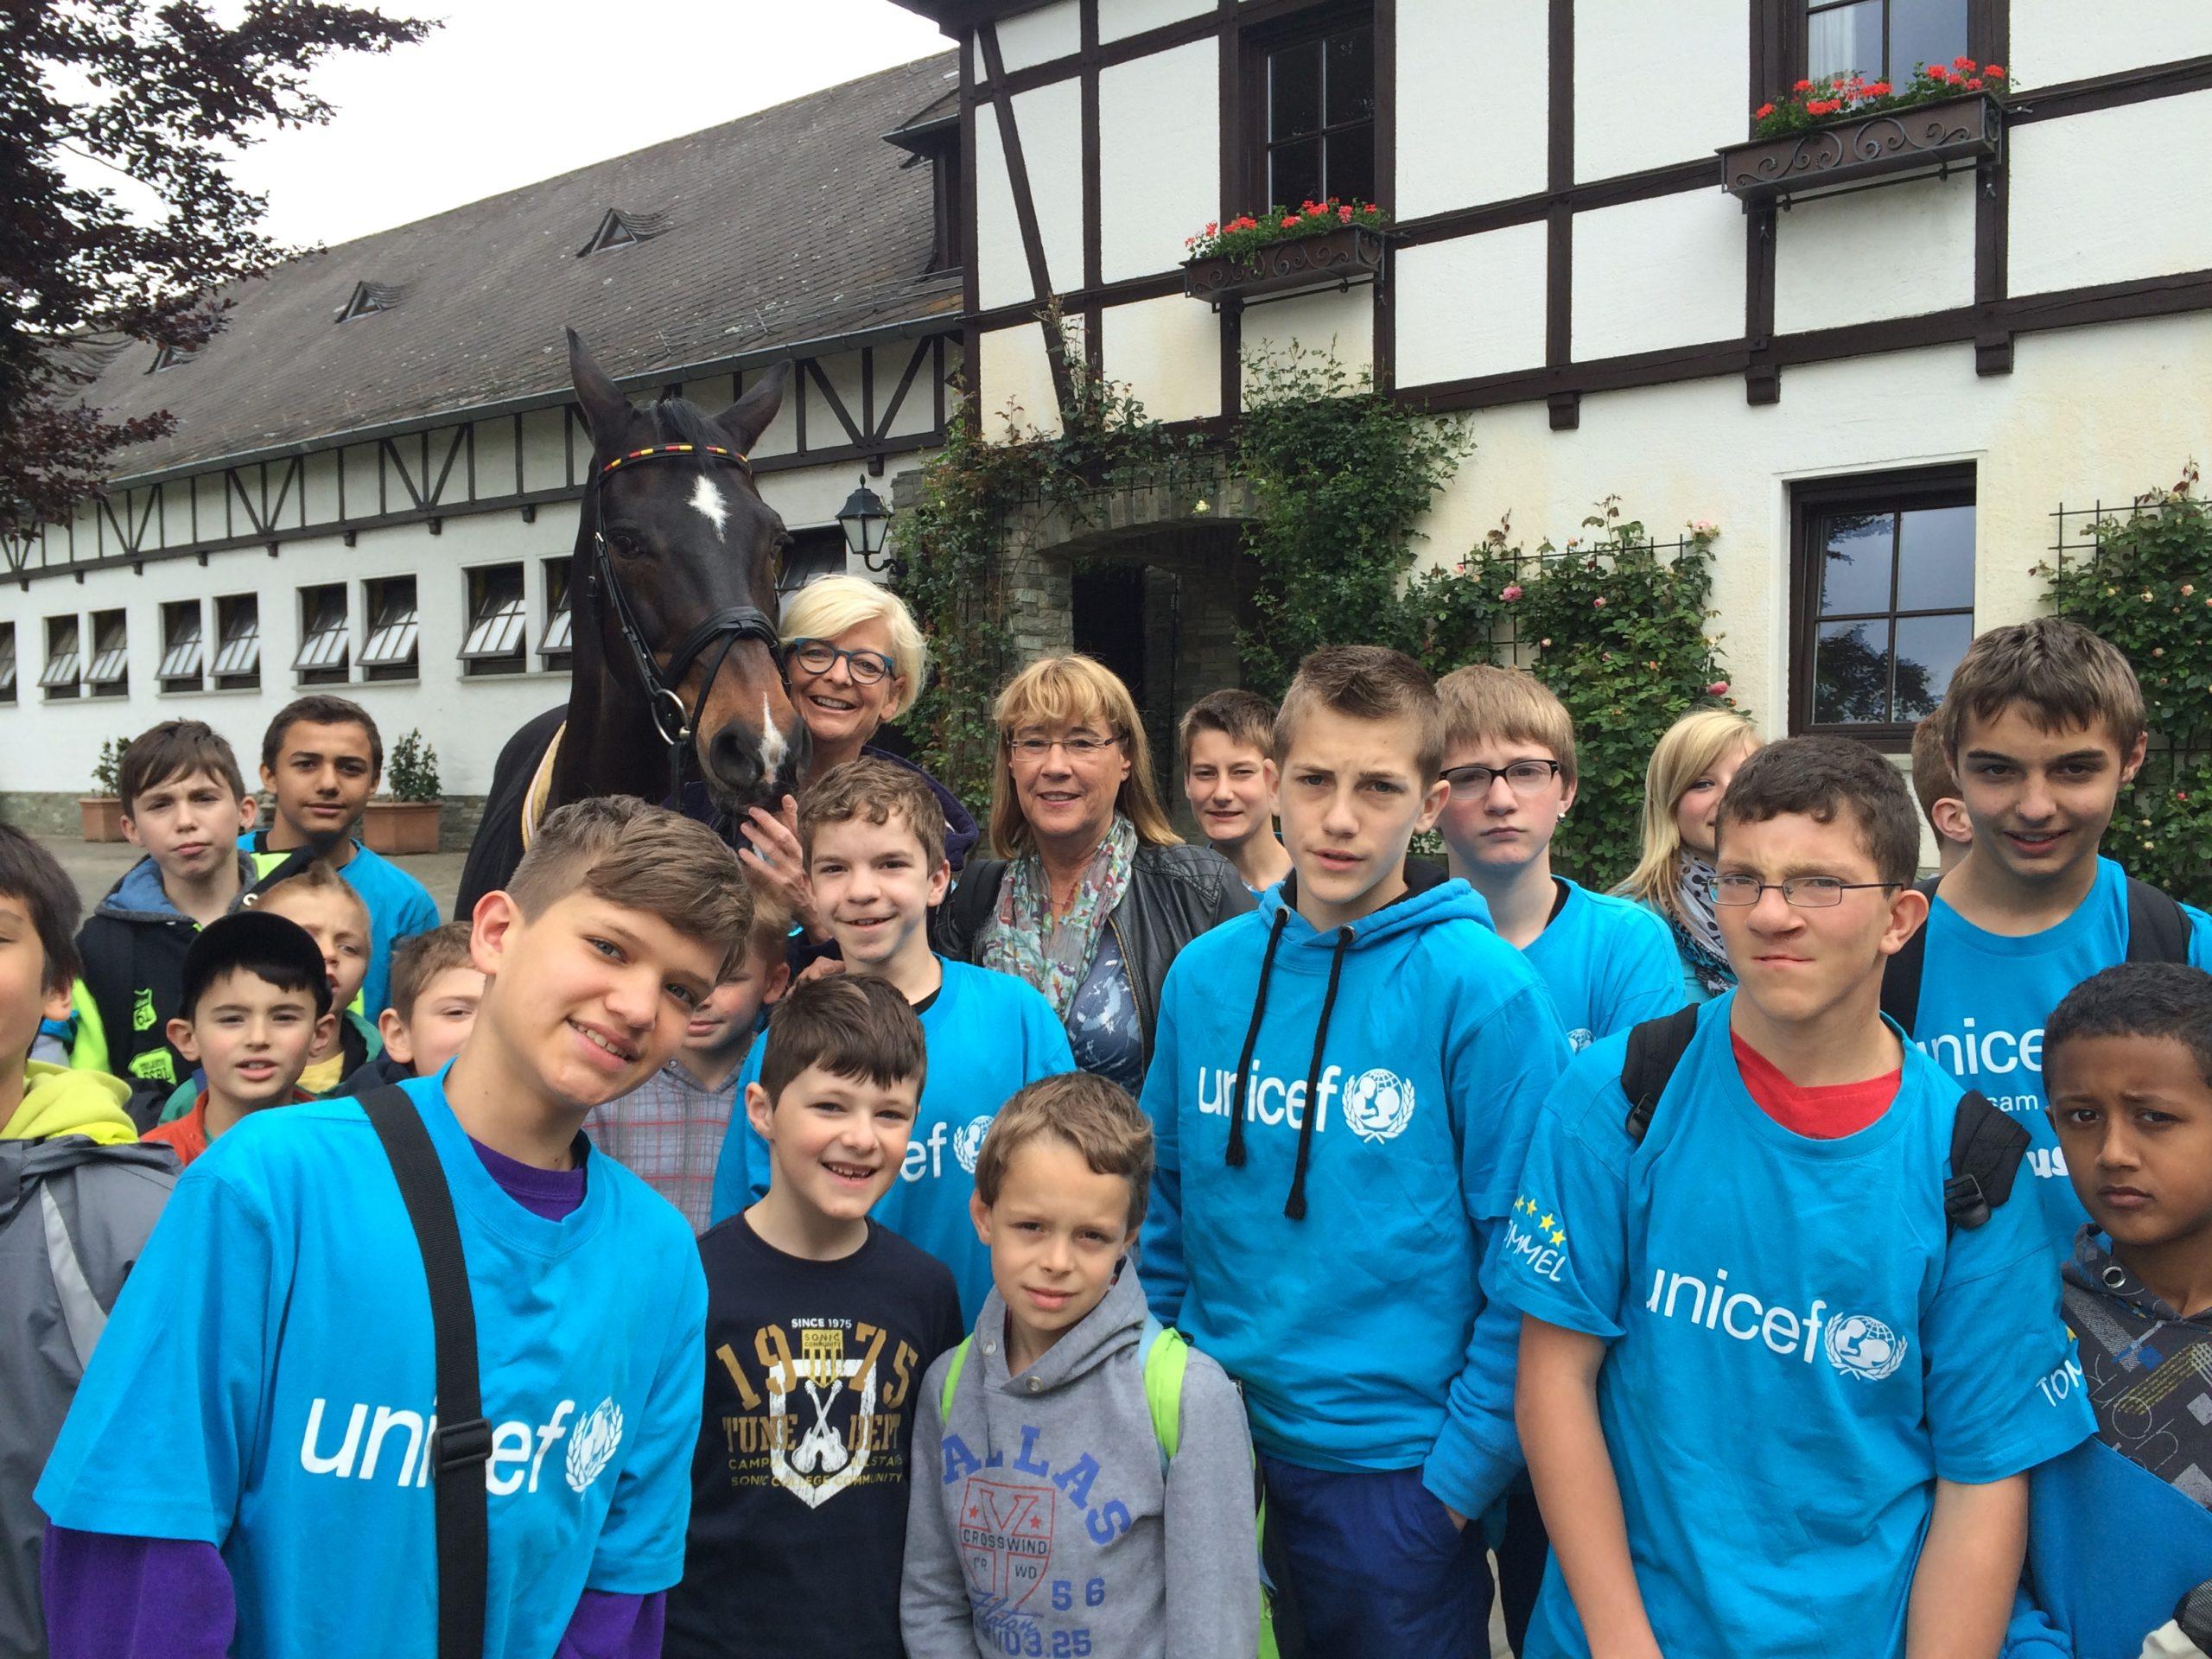 Waldhausschule löst JuniorBotschafterpreis auf dem Schafhof ein